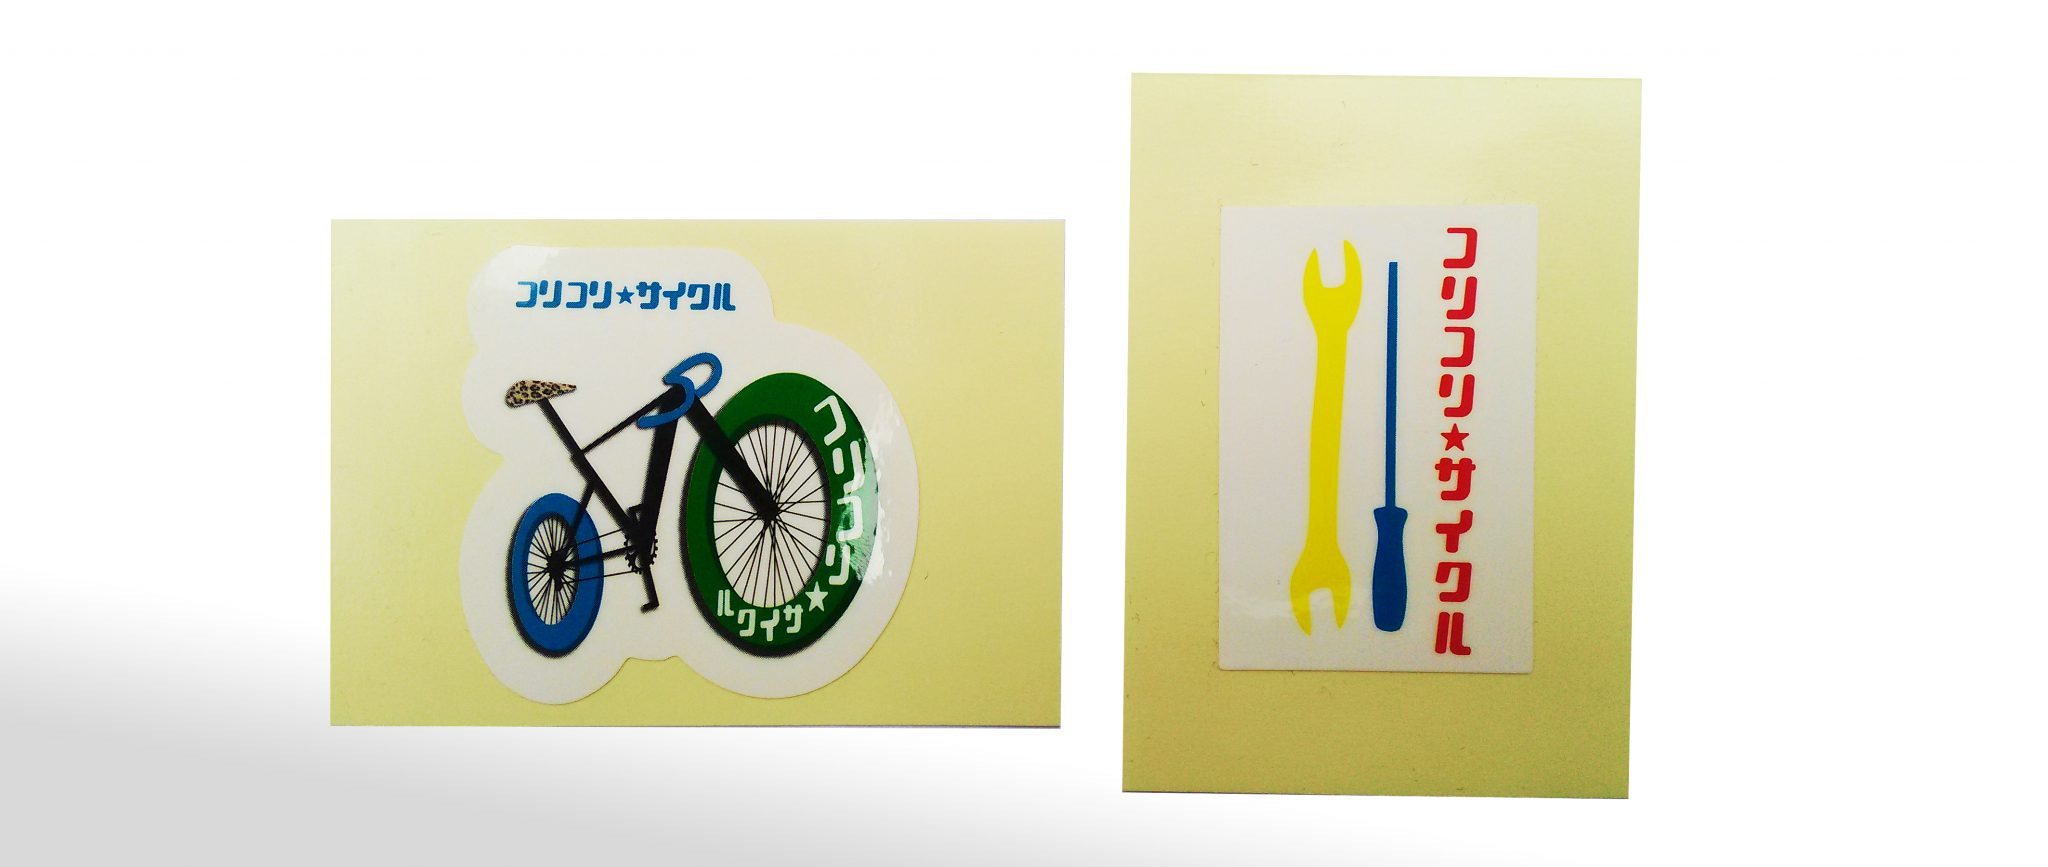 自転車屋シール1